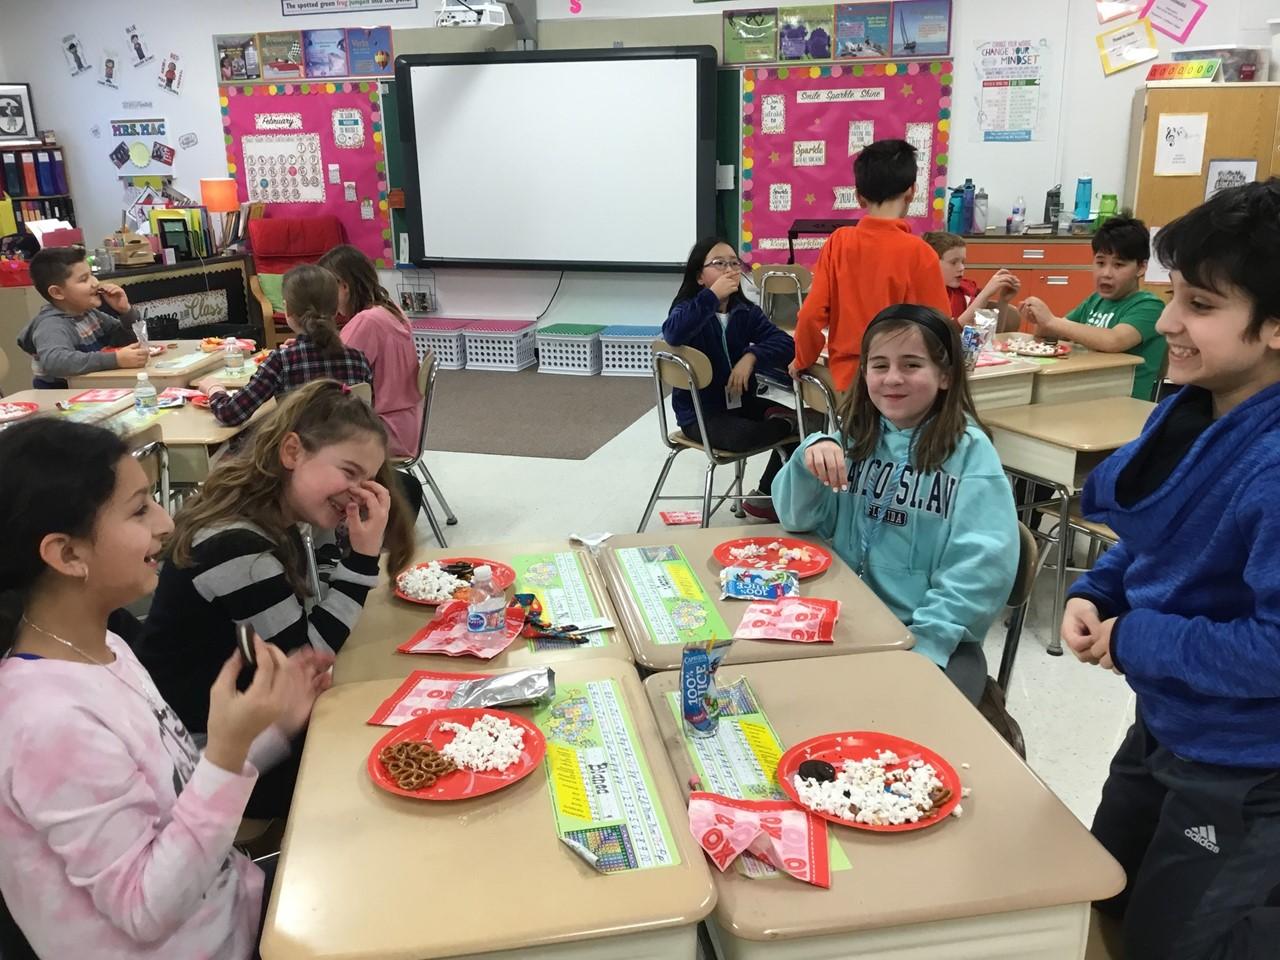 Students in Mrs. MacTavish's room enjoying Valentine's Day celebrations.